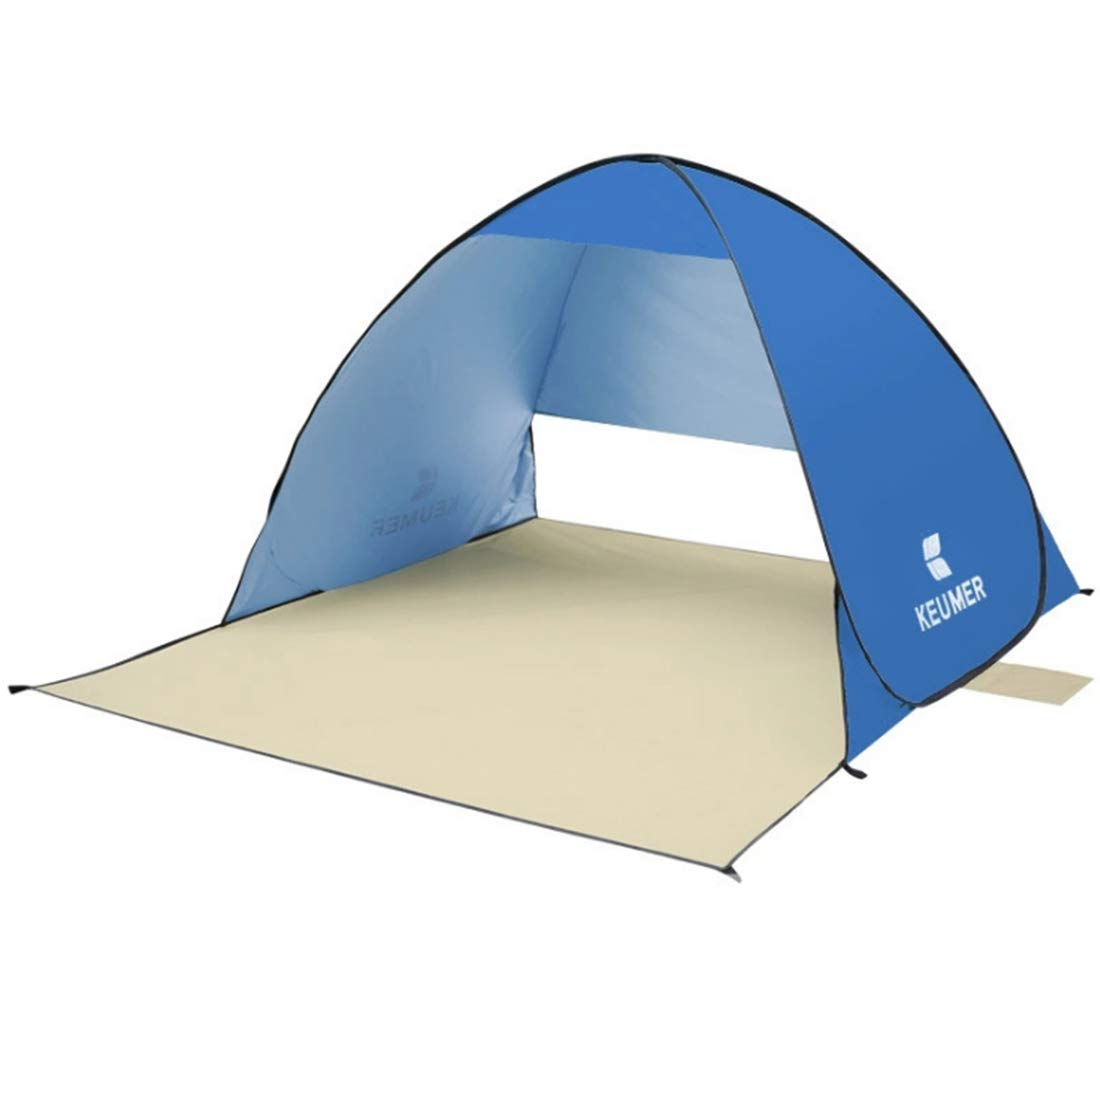 Igspfbjn Outdoor Camping für 2 Personen Zehn (Farbe : Sapphire)